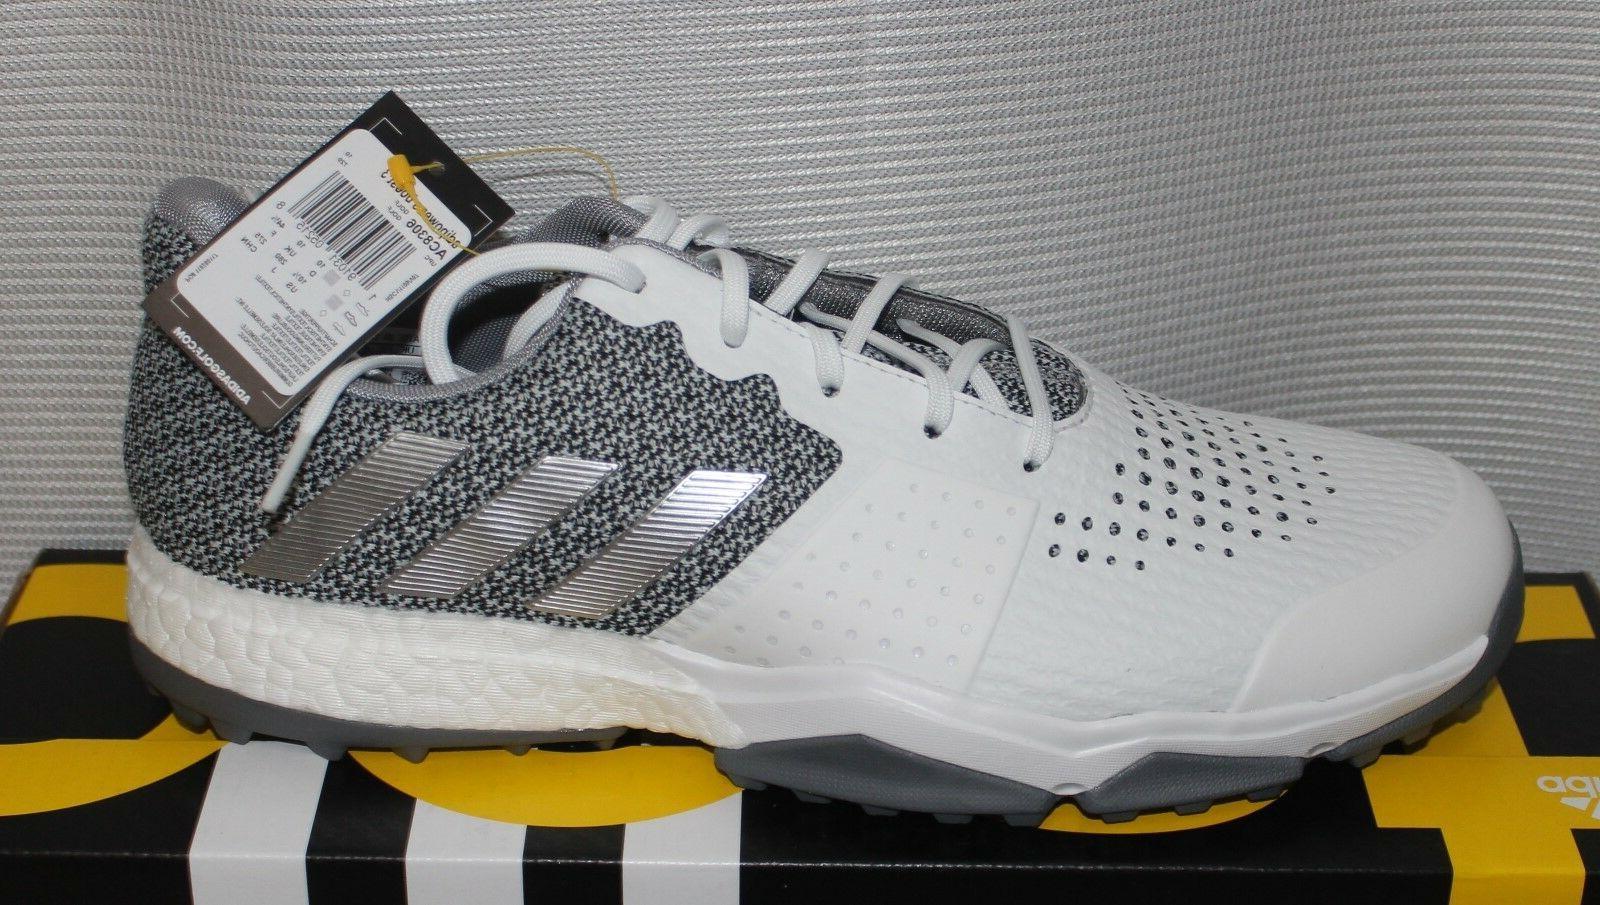 Adidas Boost - White Silver Metallic